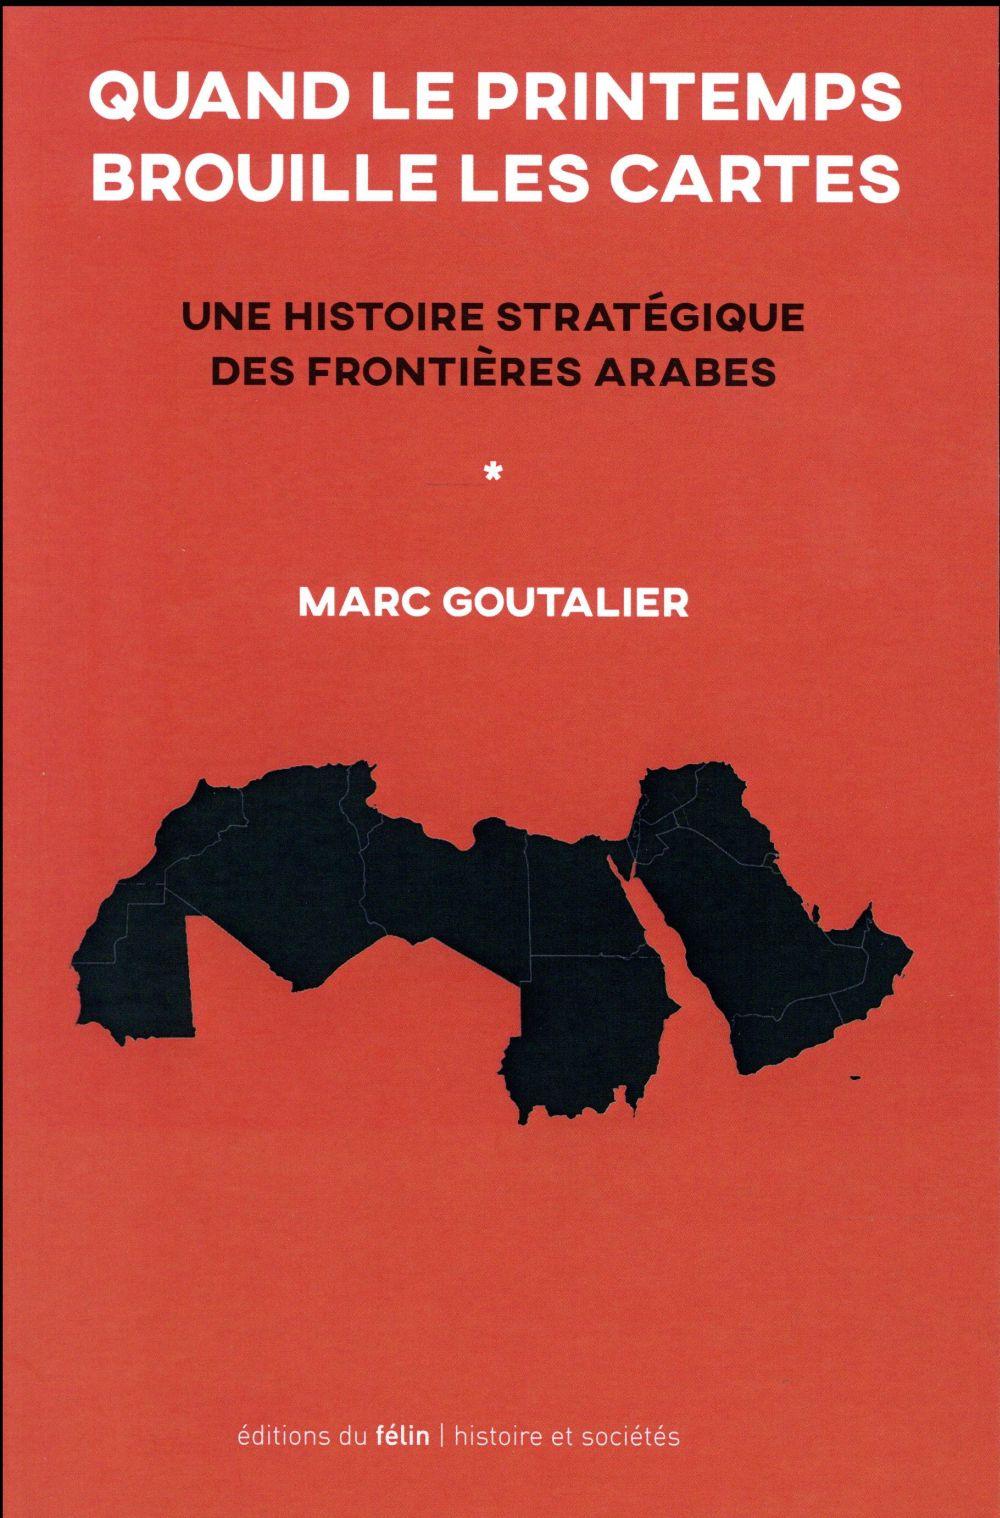 Quand le printemps brouille les cartes ; une histoire stratégique des frontières arabes